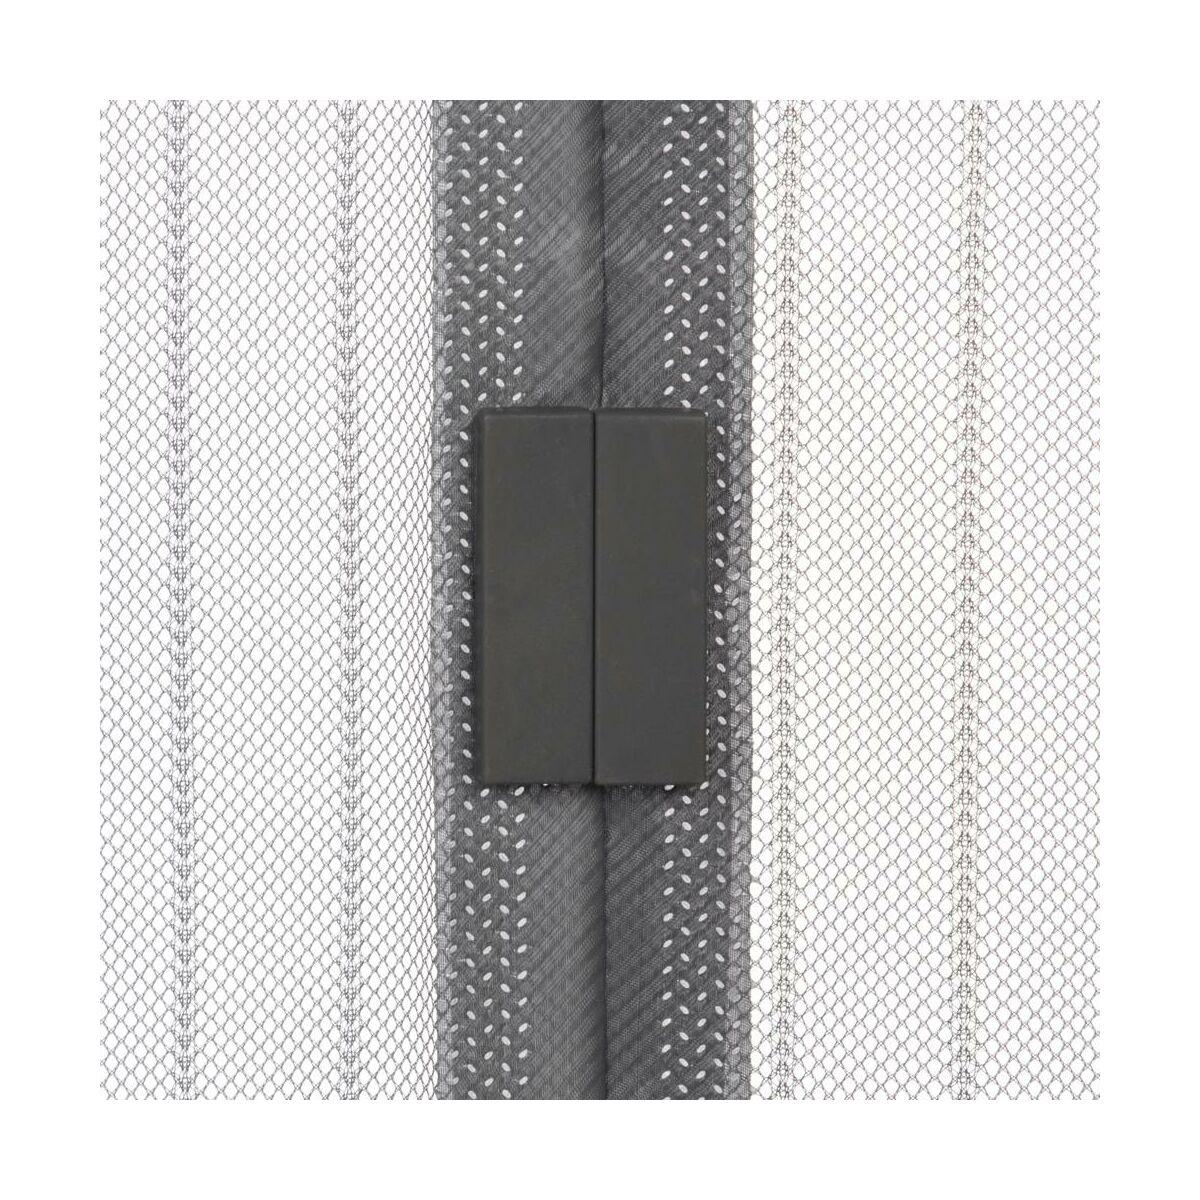 Moskitiera Na Drzwi Z Magnesem 100 X 220 Cm Szara Artens Moskitiery W Atrakcyjnej Cenie W Sklepach Leroy Merlin